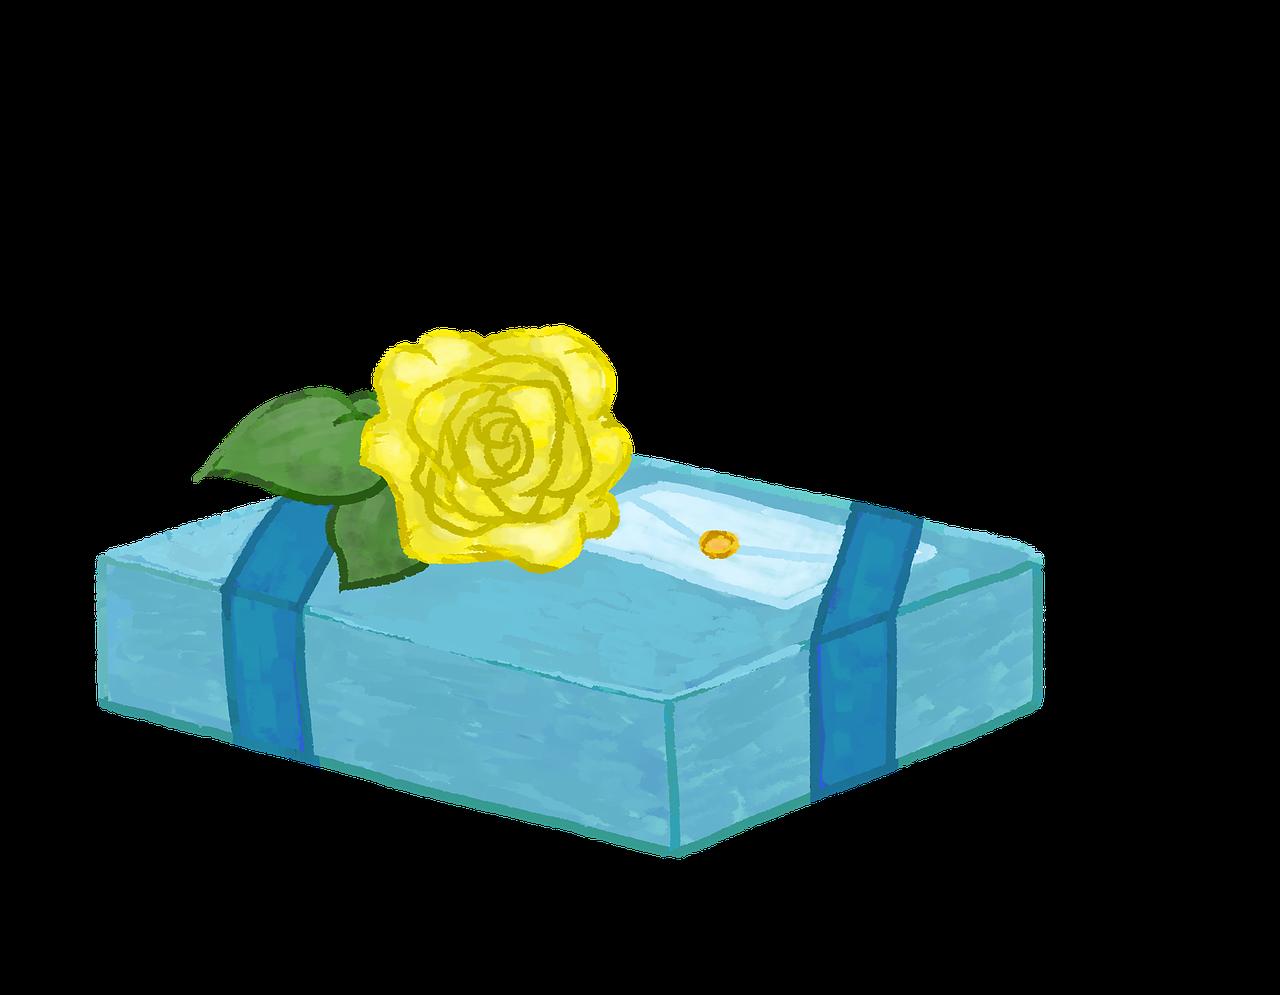 プレゼントにおすすめなフォトブック2選!【両親・祖父母・友人へ】